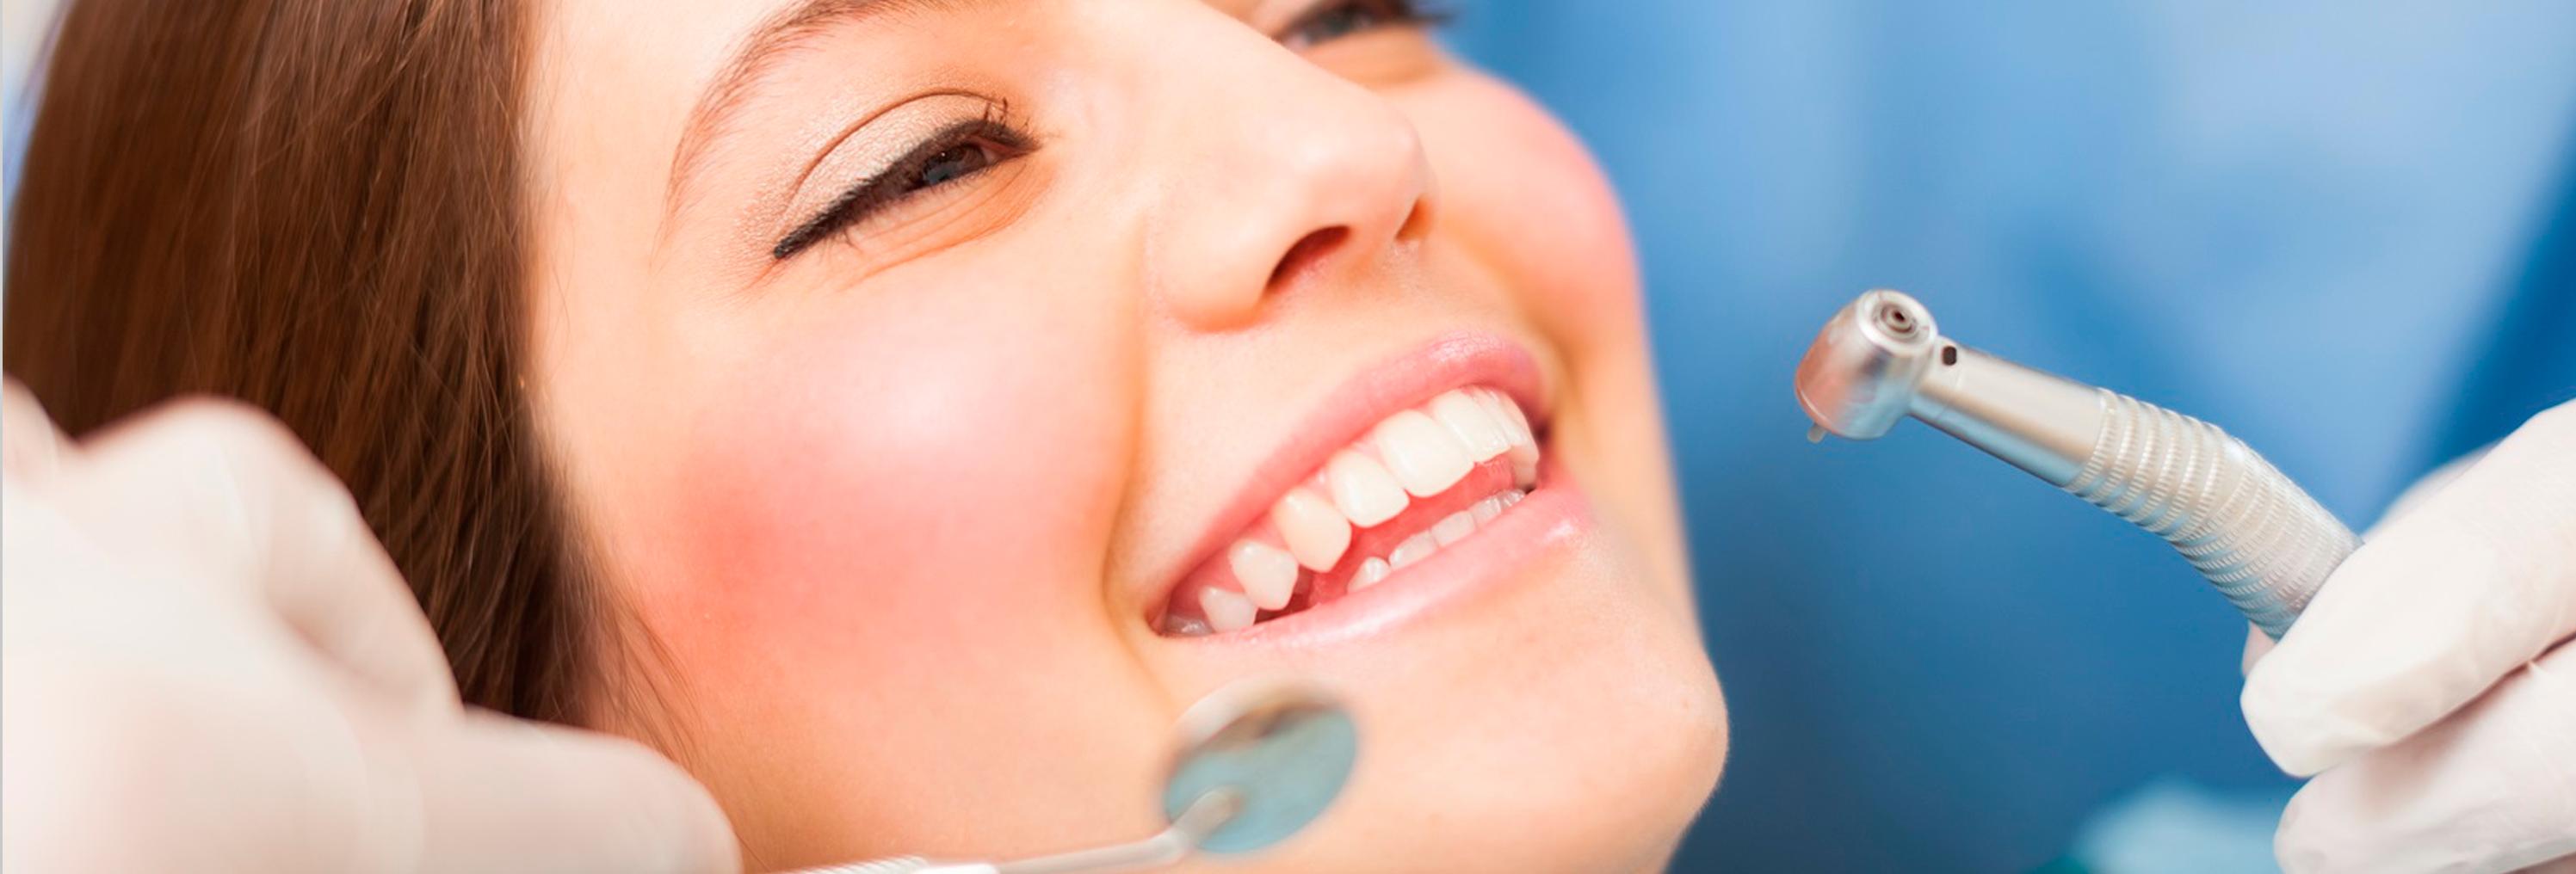 smile_dental